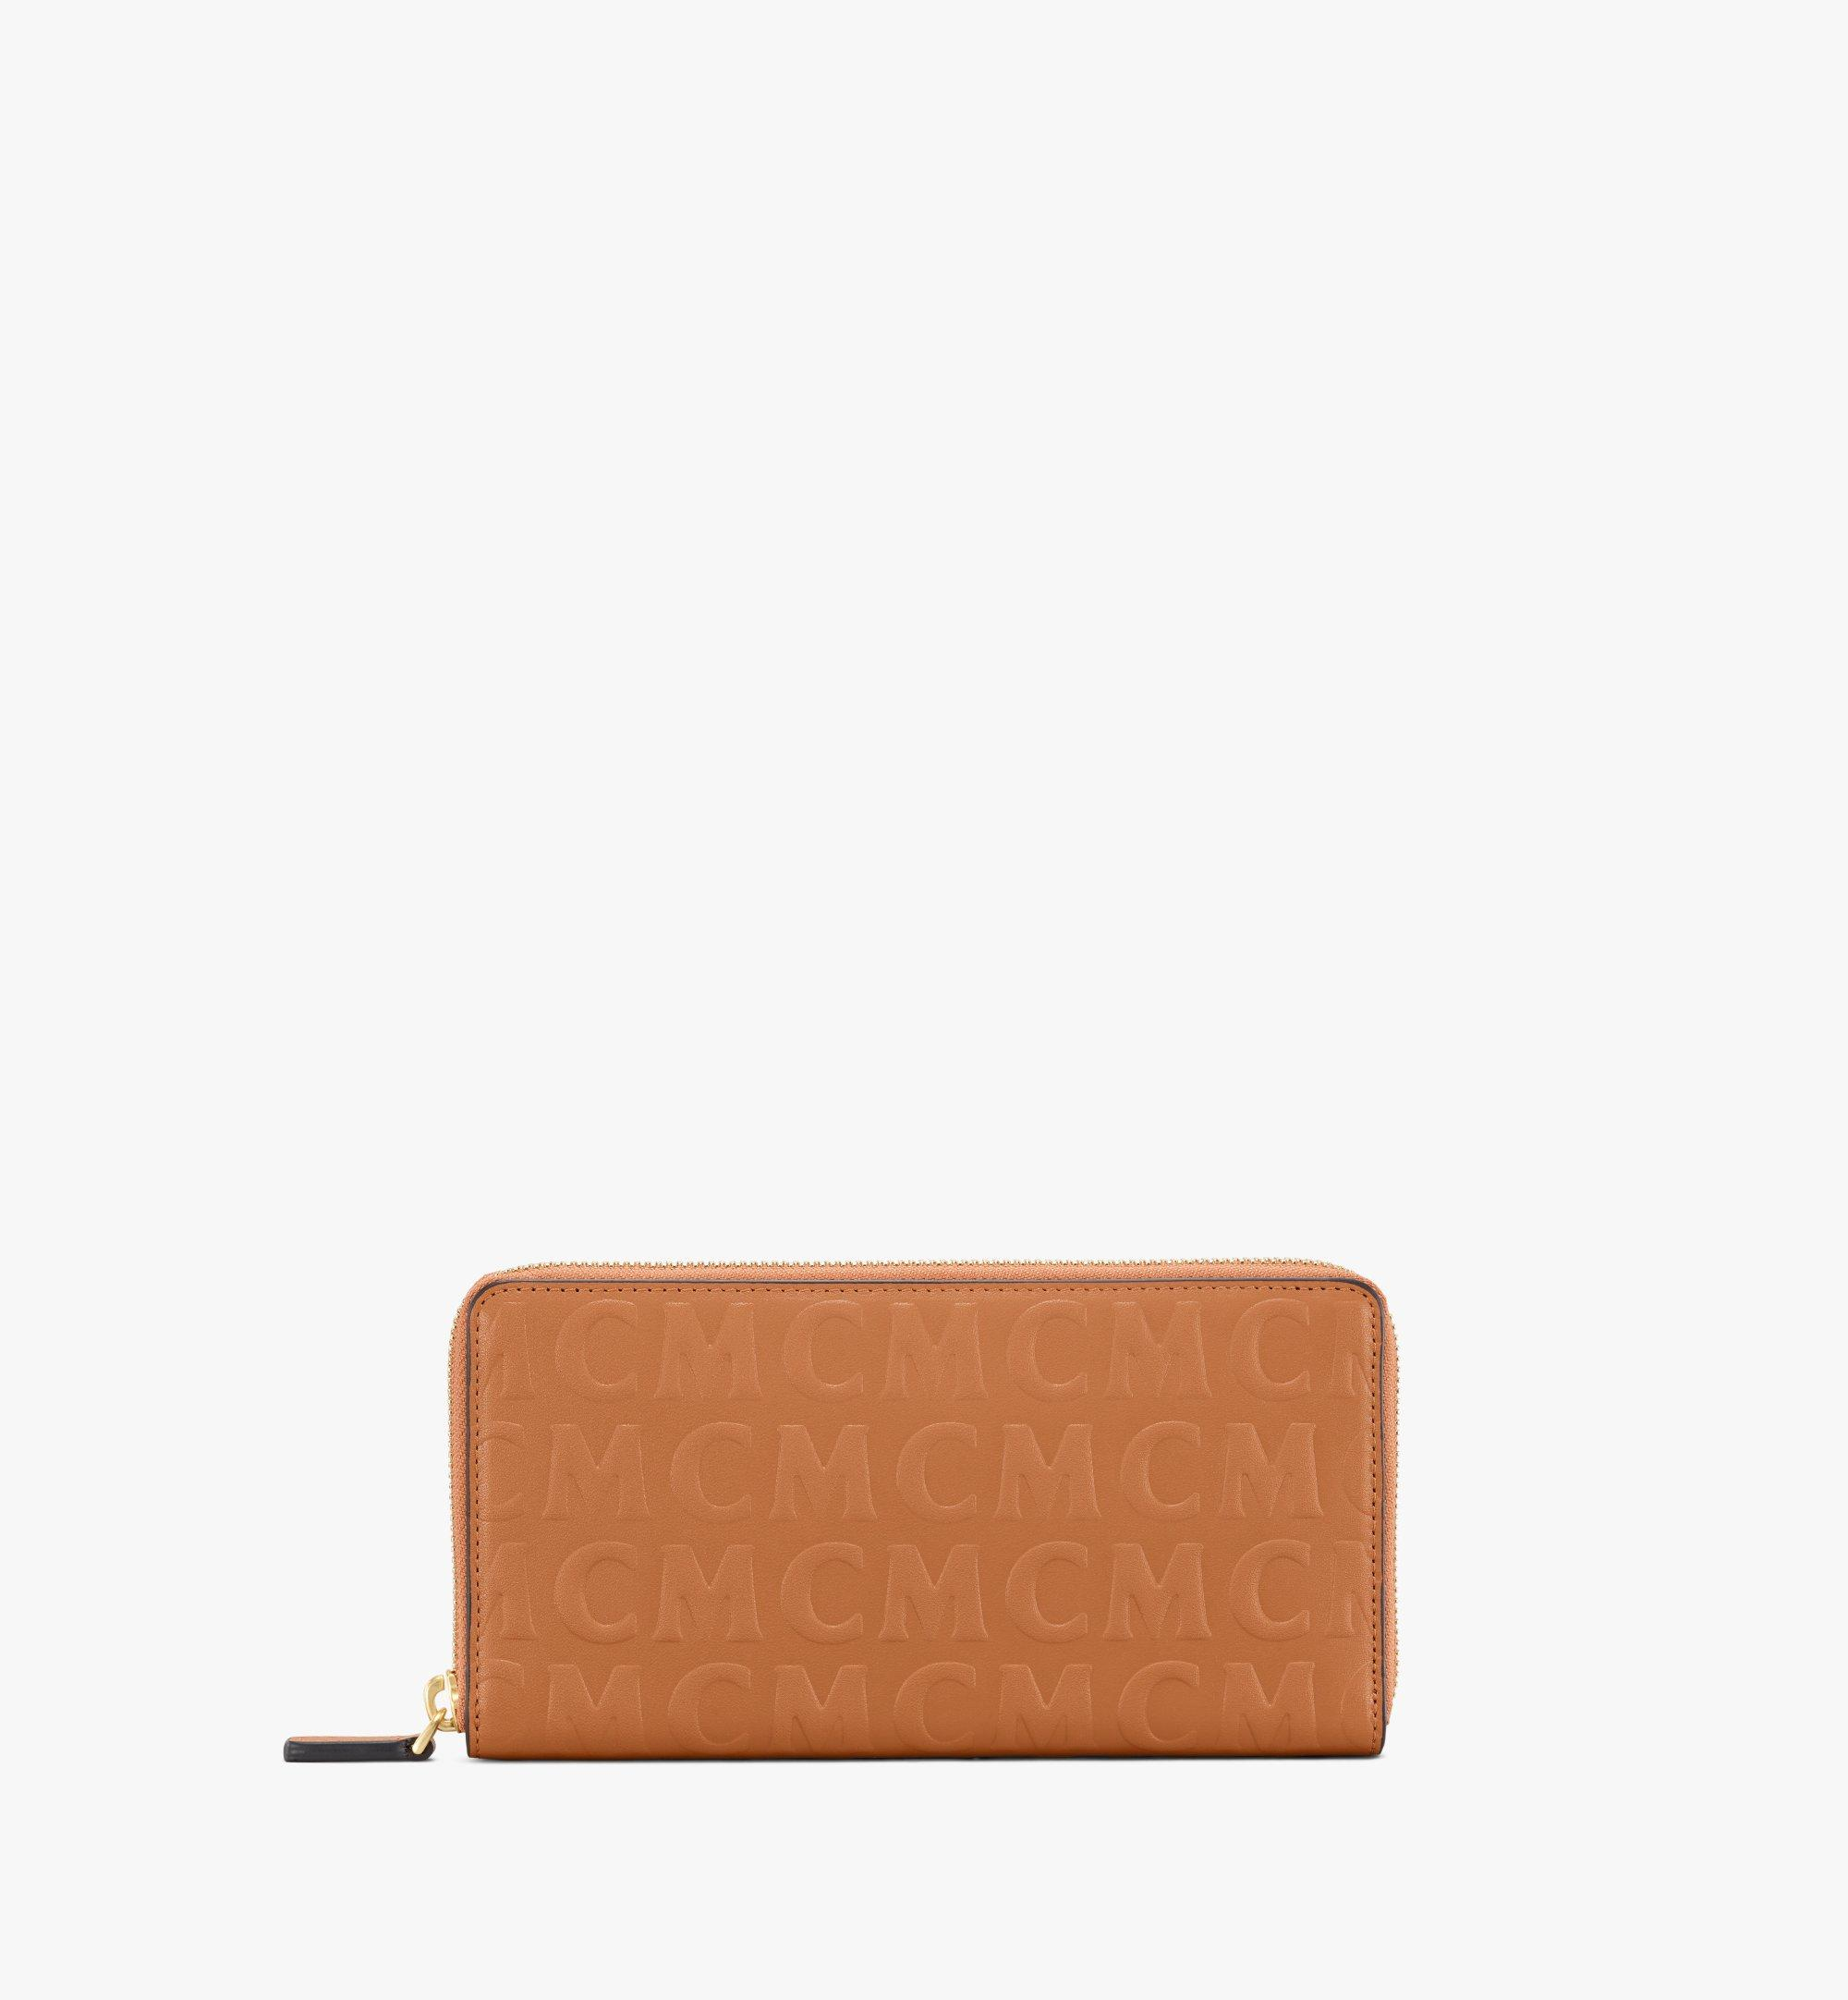 MCM Lederbrieftasche mit Rundum-Reissverschluss und MCM-Monogramm Cognac MYLAAMD01CO001 Noch mehr sehen 1